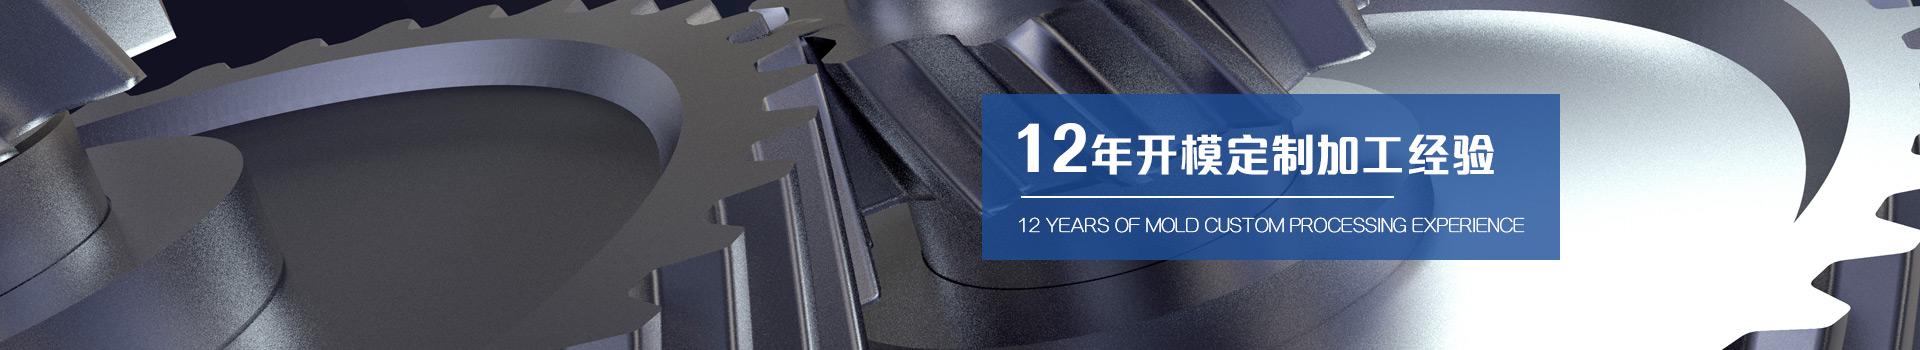 闻辞模具 12年专注于注塑加工一体化服务